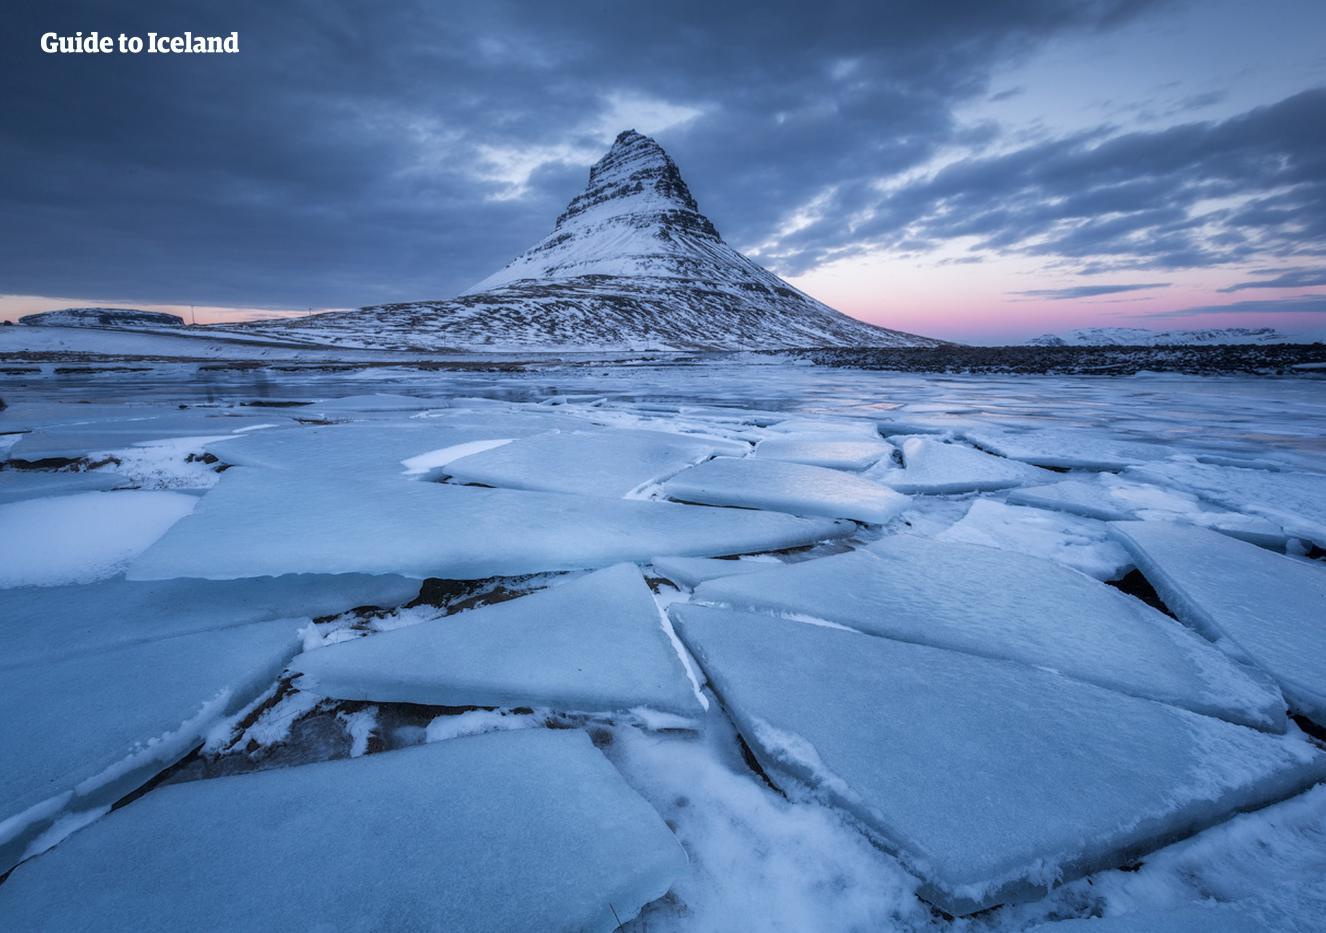 Les paysages gelés de la péninsule de Snæfellsnes entourent le mont Kirkjufell.